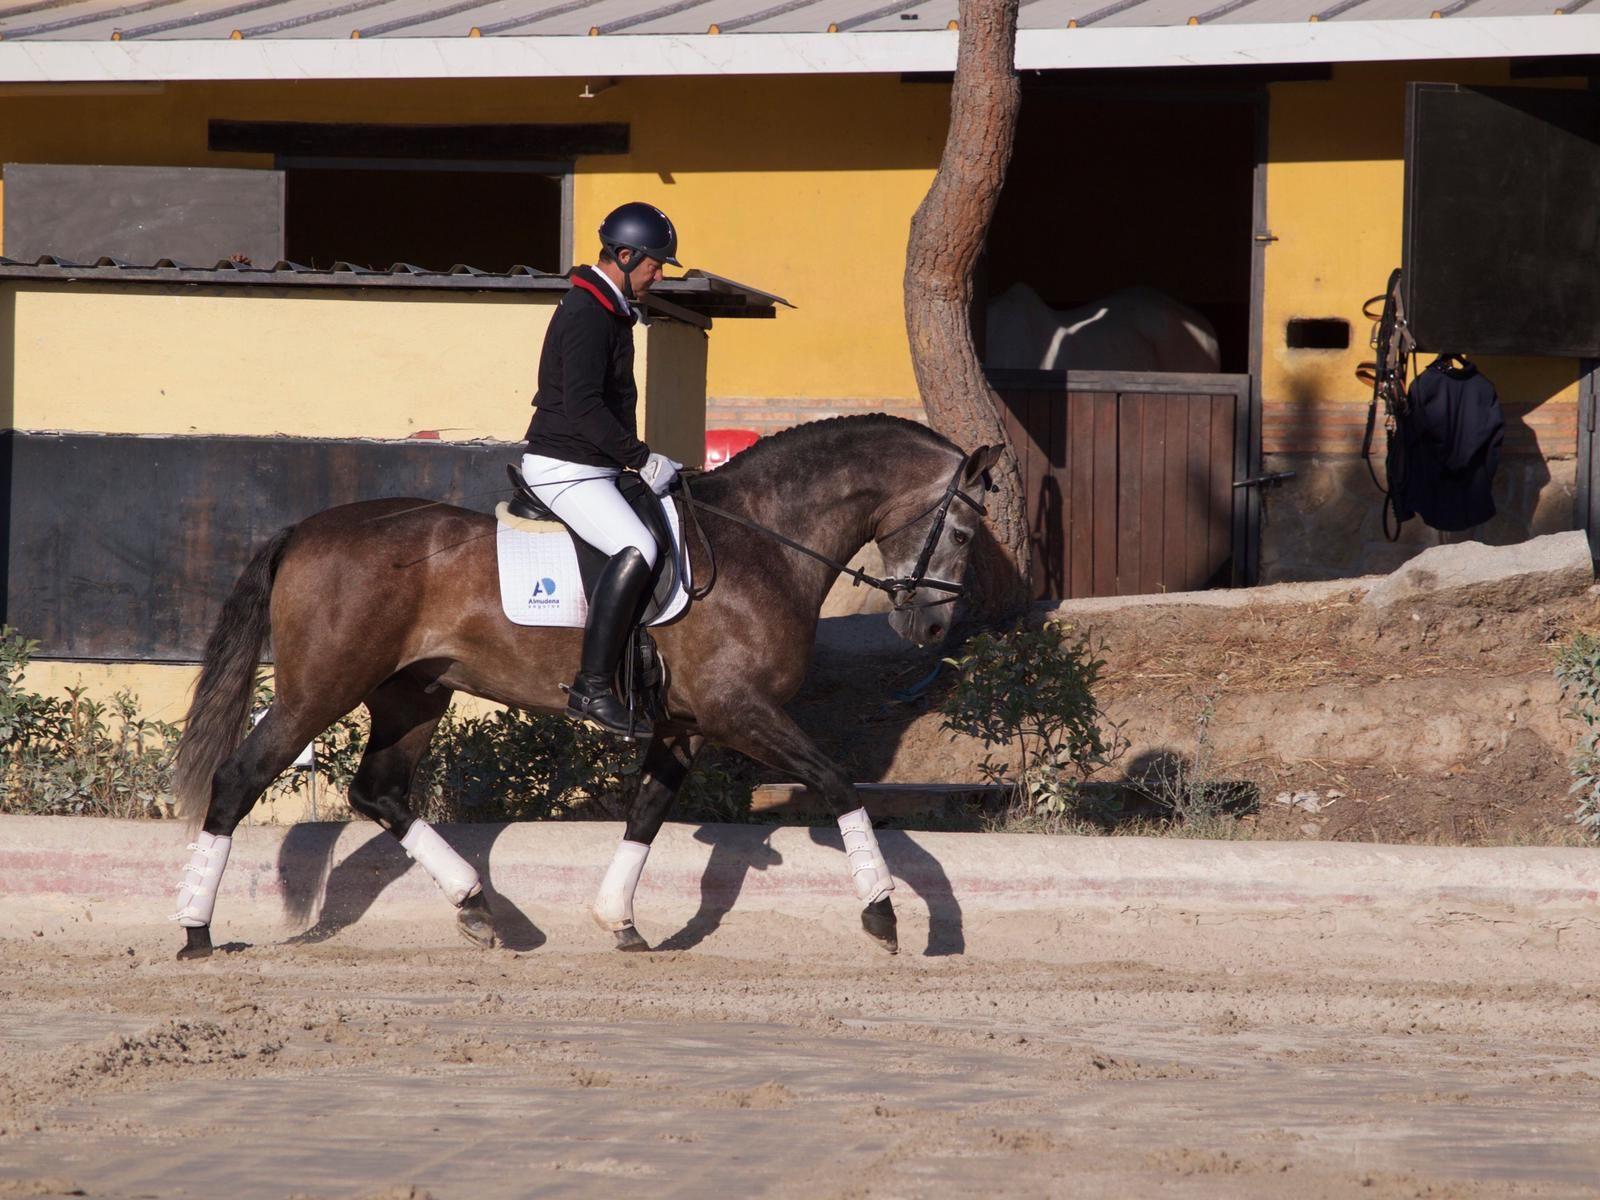 Cursos de equitación en Colmenar Viejo